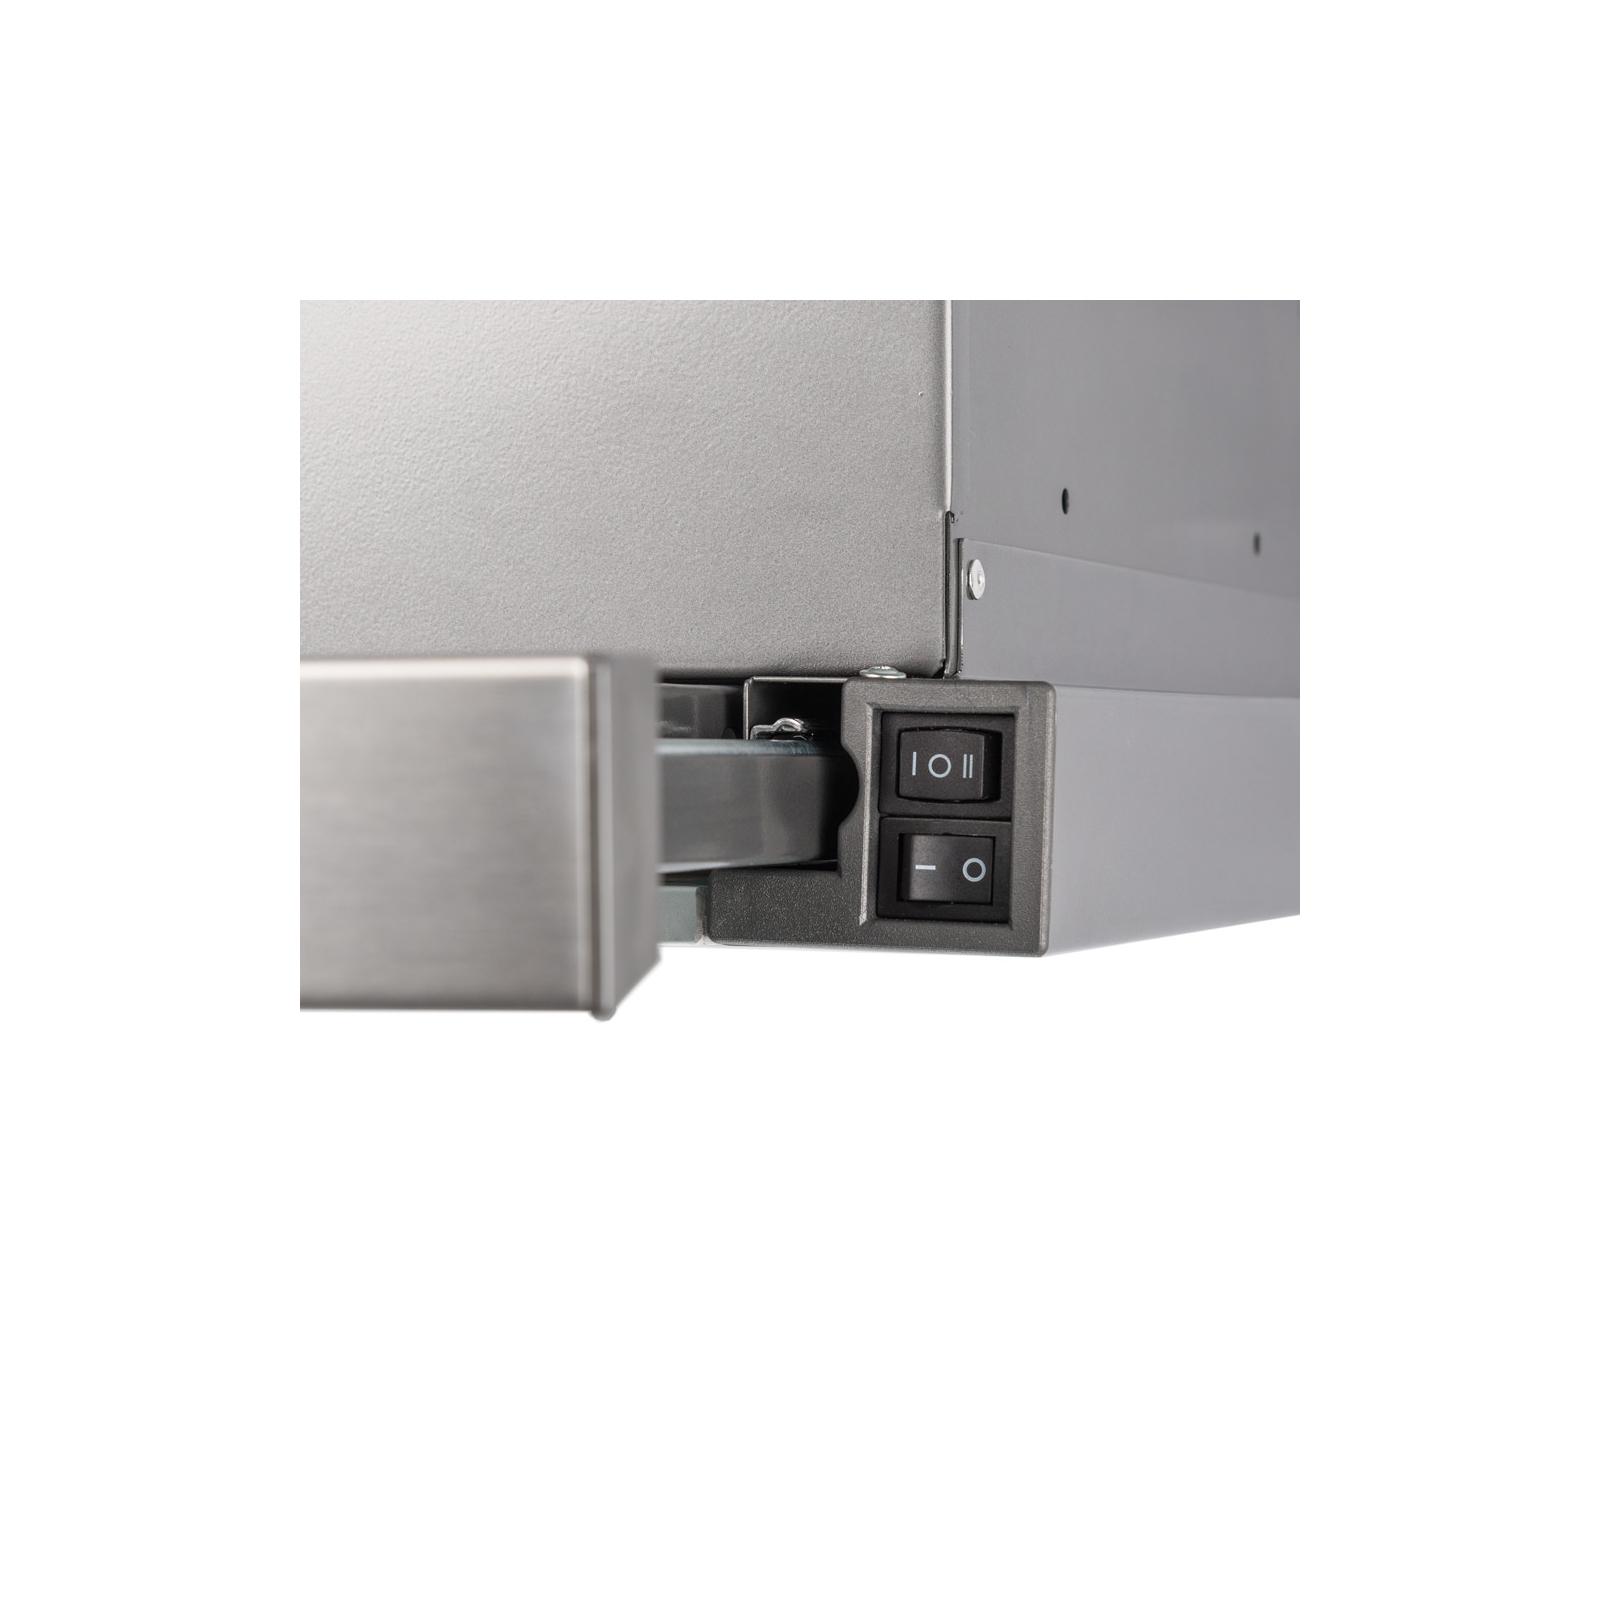 Вытяжка кухонная PERFELLI TL 5010 I изображение 2